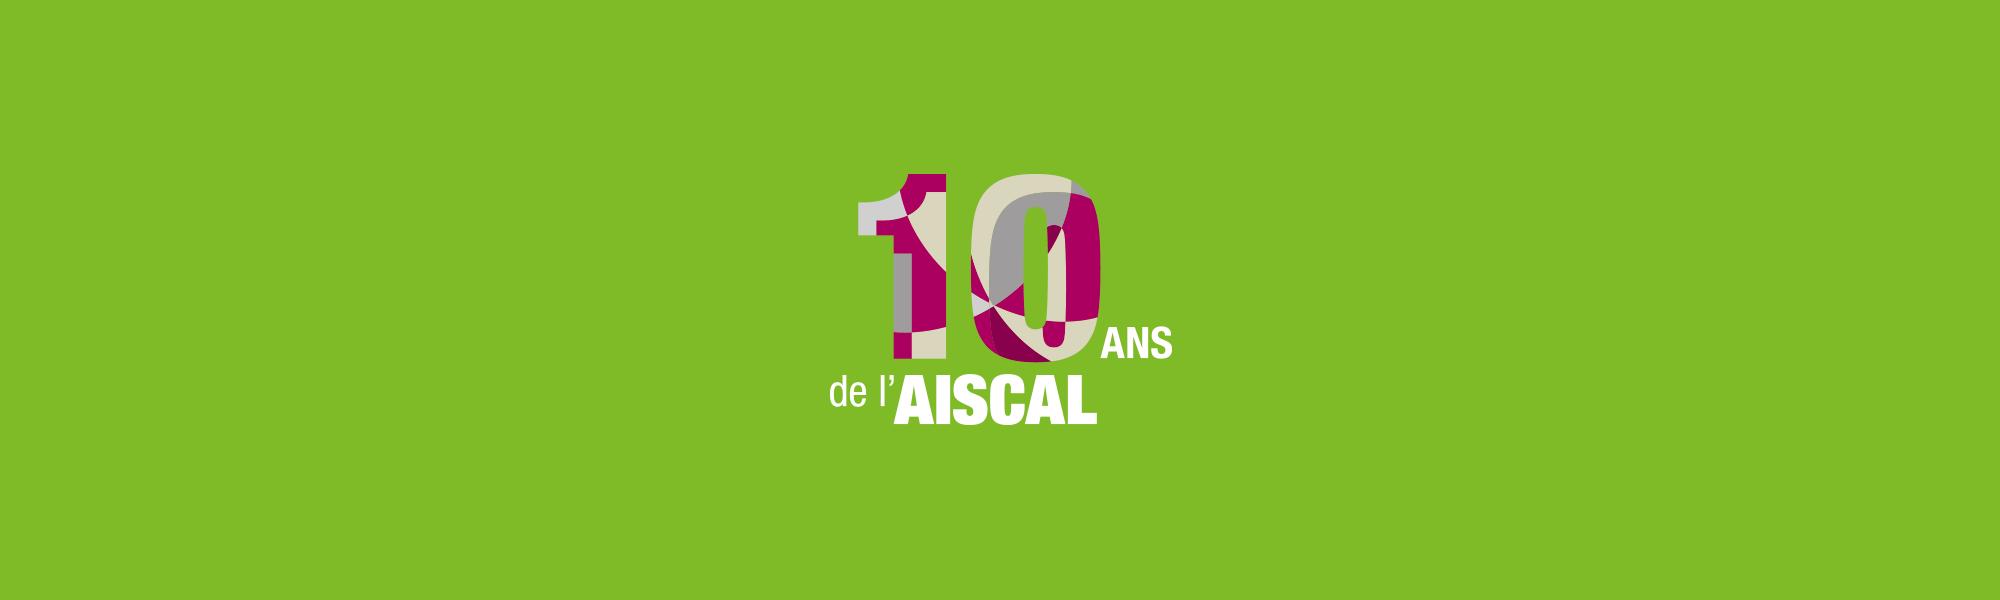 Infographiste Rouen Pascal Ridel - banniere - Dépliant invitation - AISCAL 10 ans